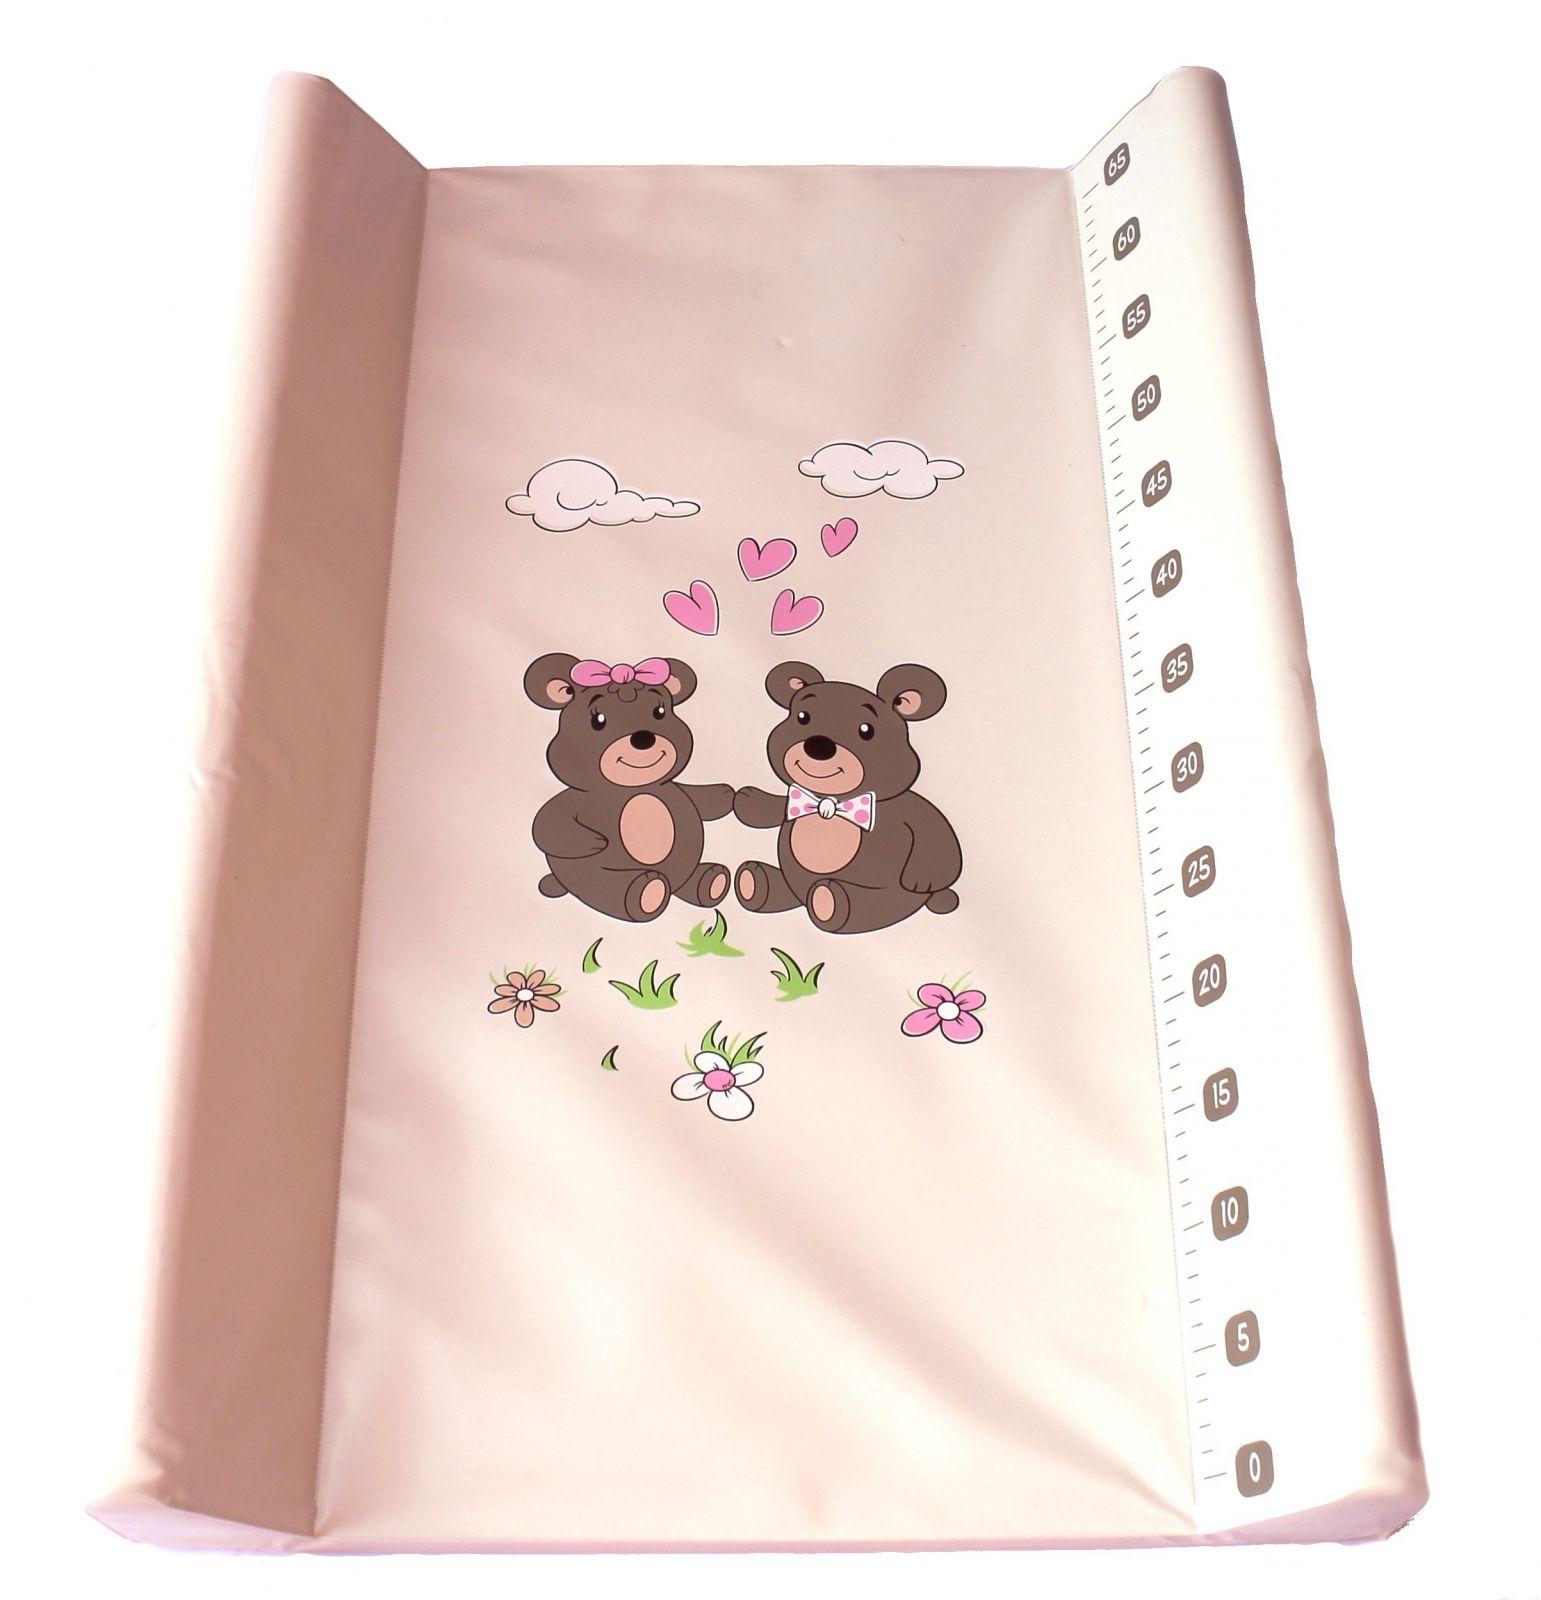 Přebalovací podložka Baby sky měkká 50x80 cm béžová medvídci